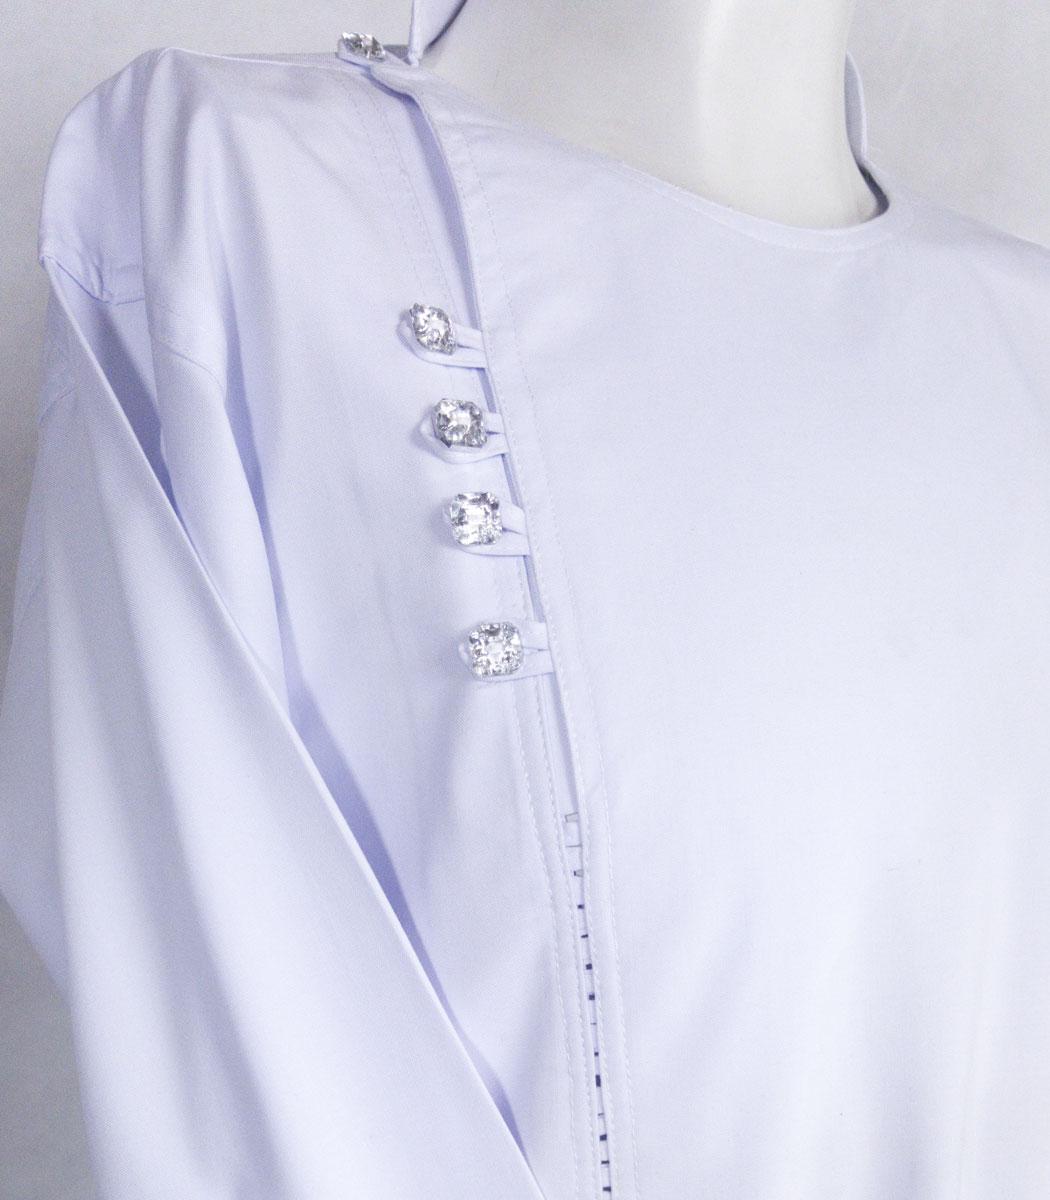 پیراهن تنبان افغانی